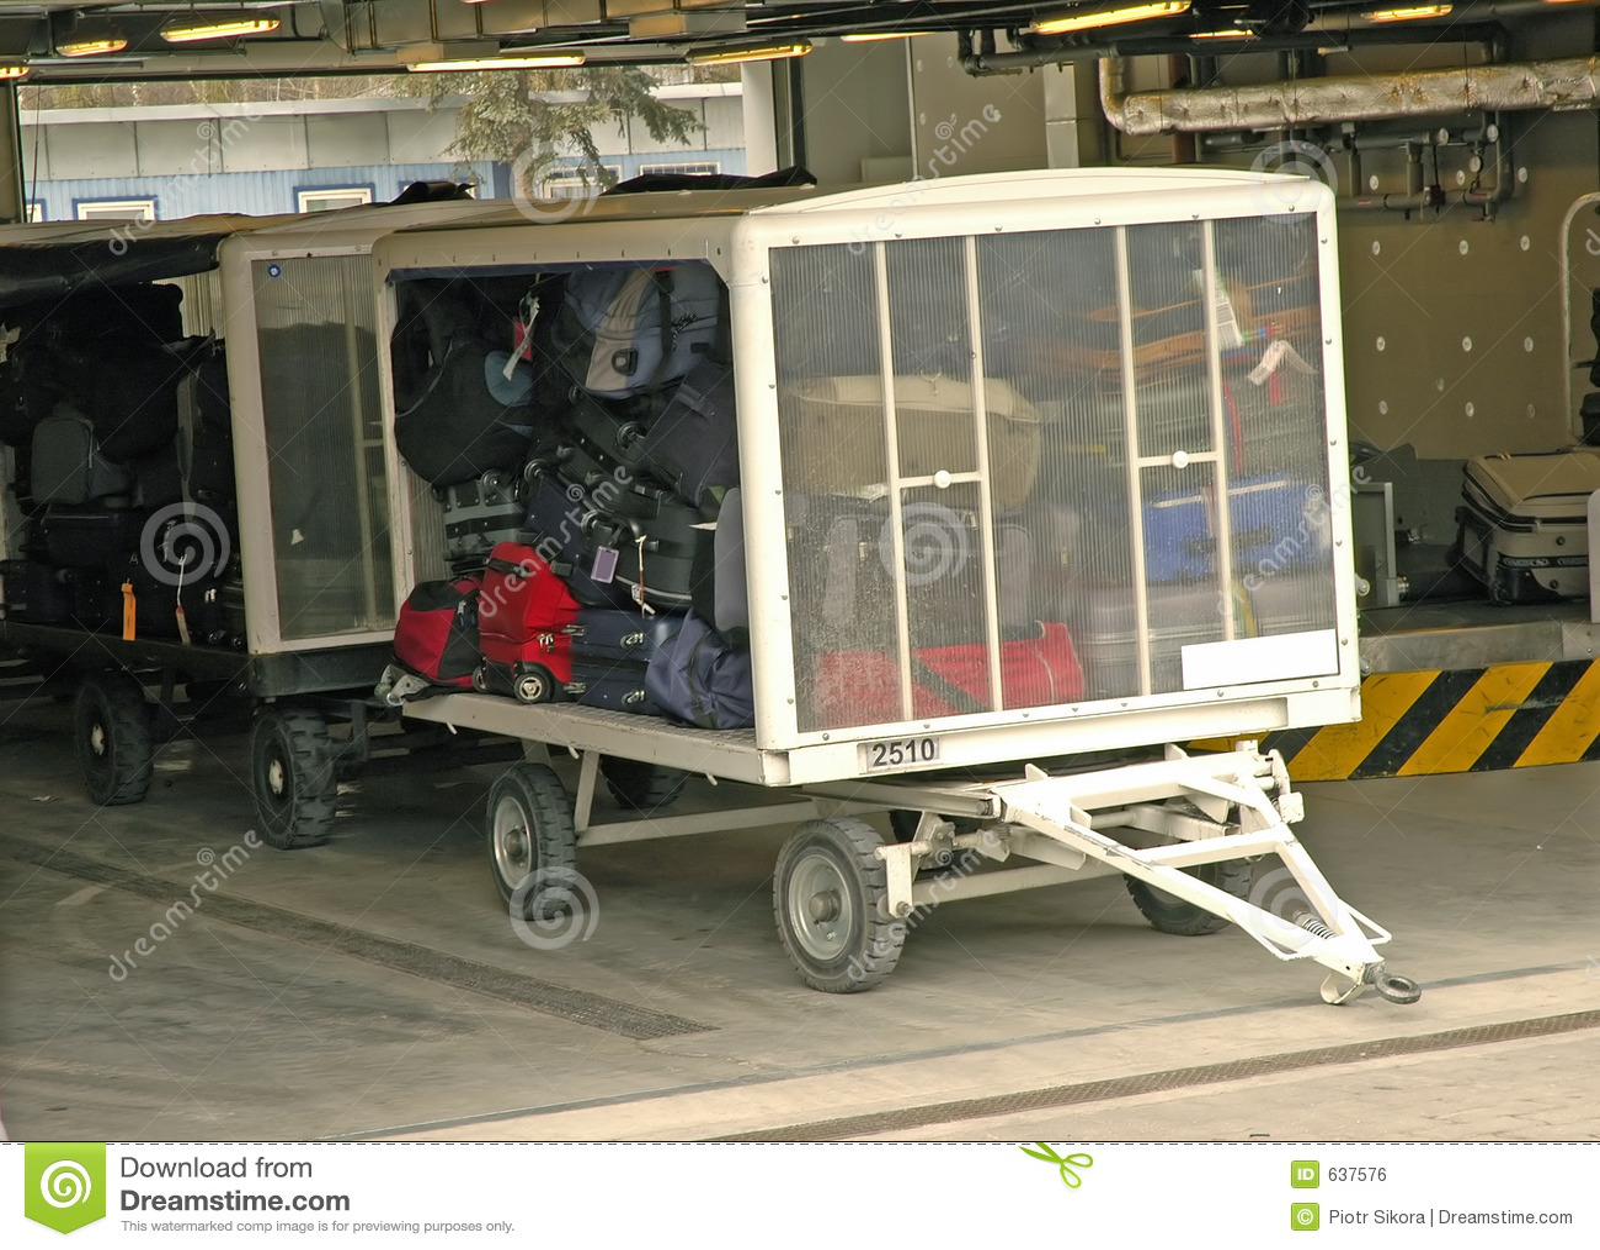 Download багаж готовый для того чтобы транспортировать вагонетку Стоковое Фото - изображение насчитывающей чемодан, авиапорты: 637576